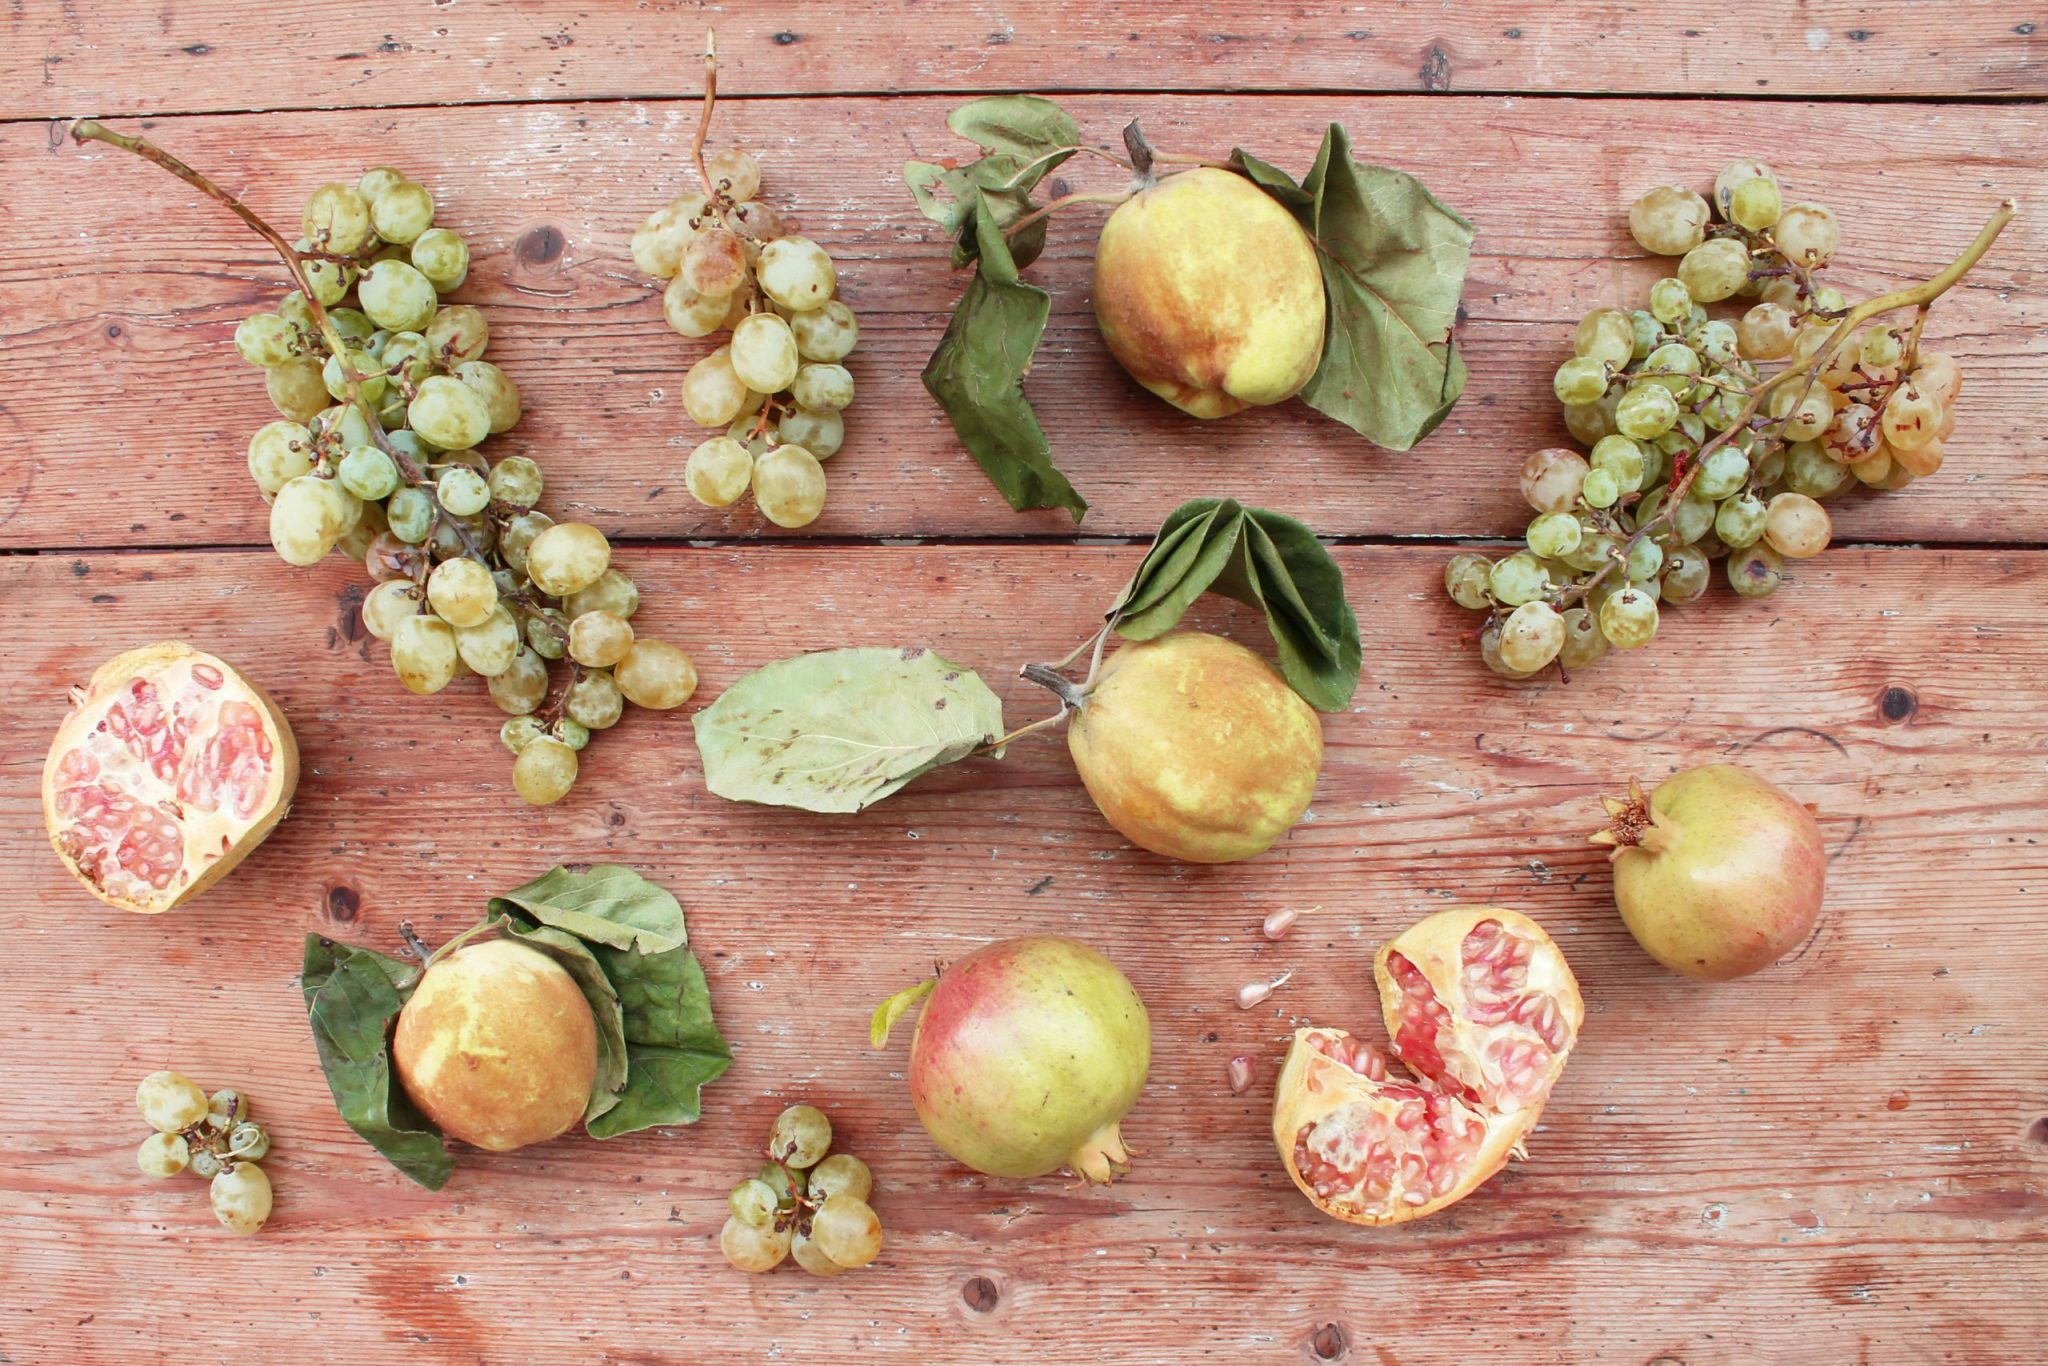 Codonys i fruita de tardor